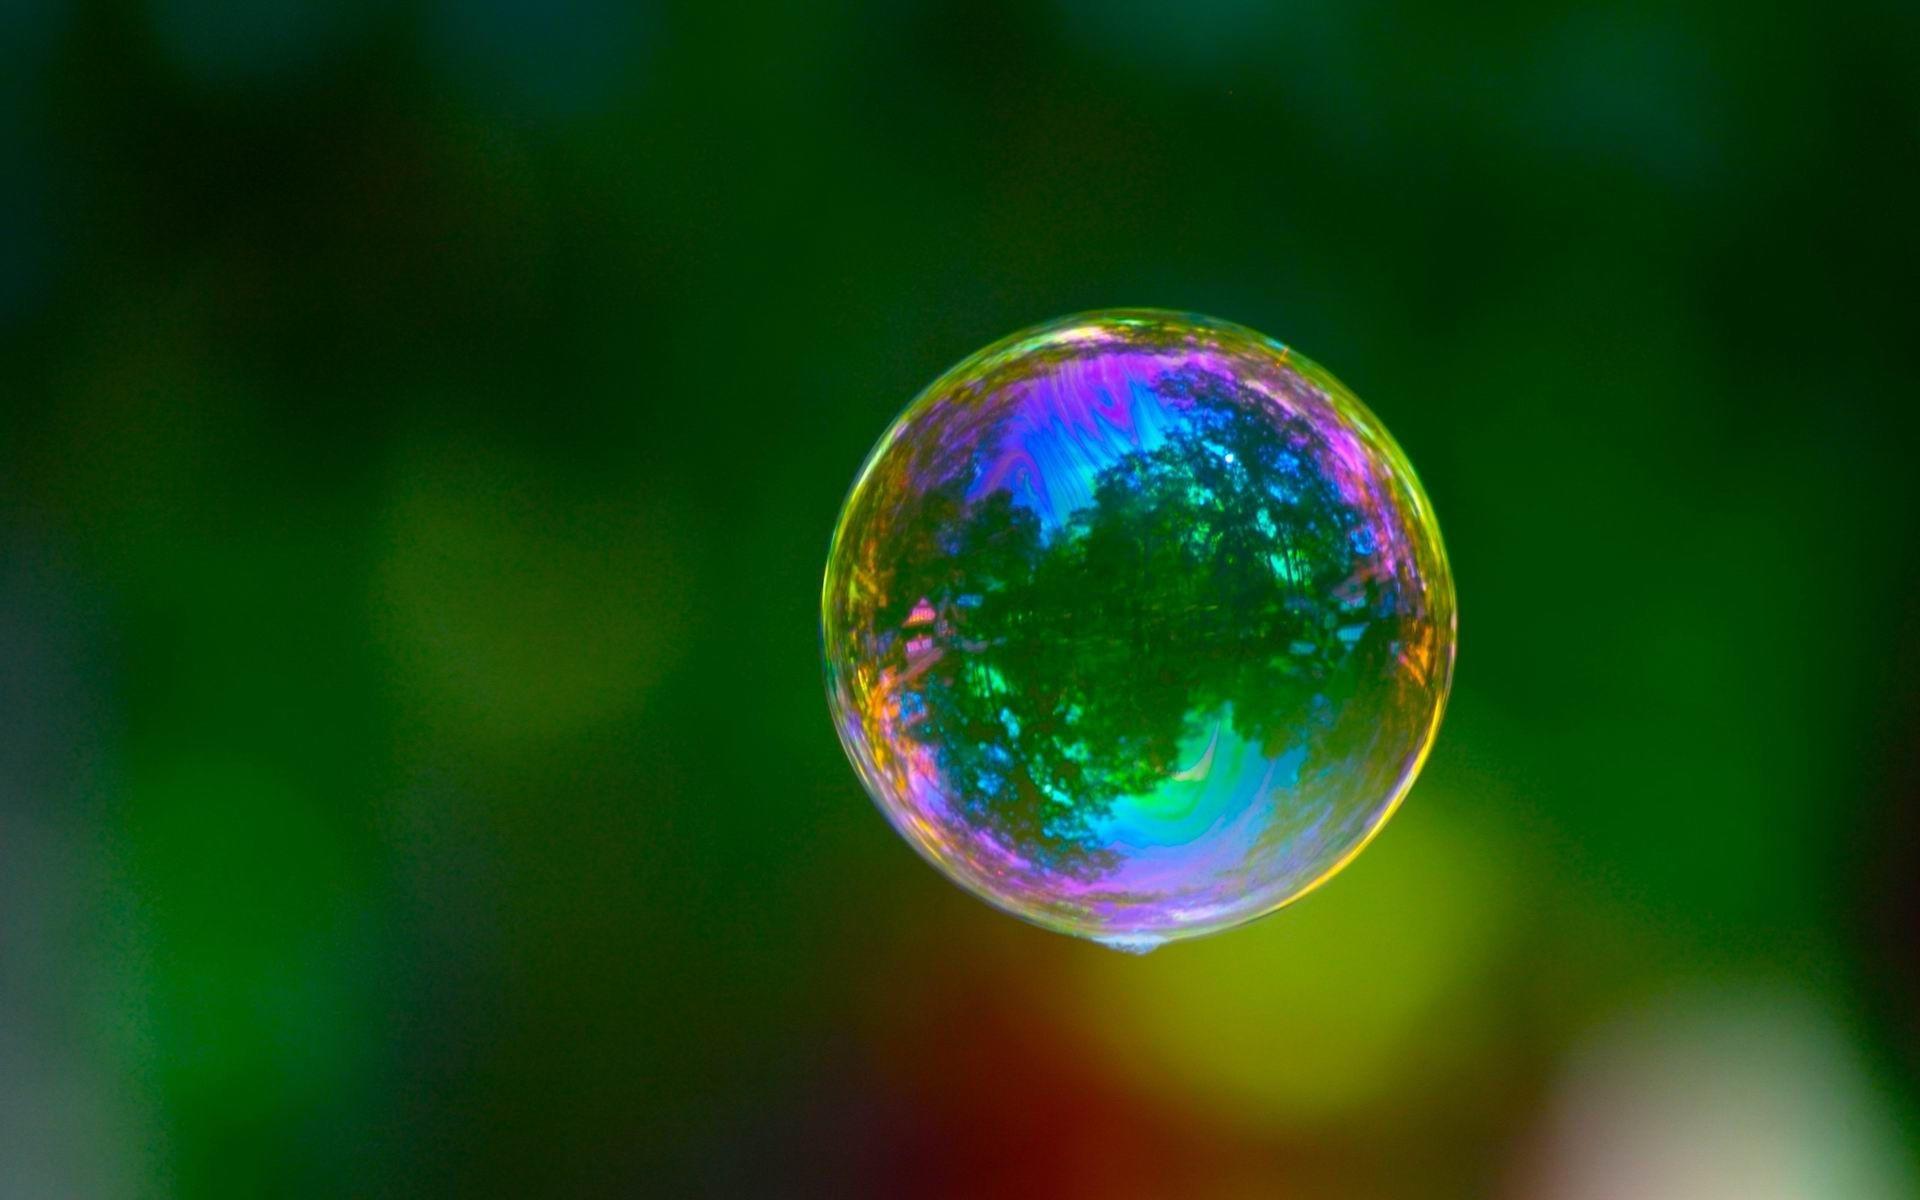 картинки пузырь мыльный